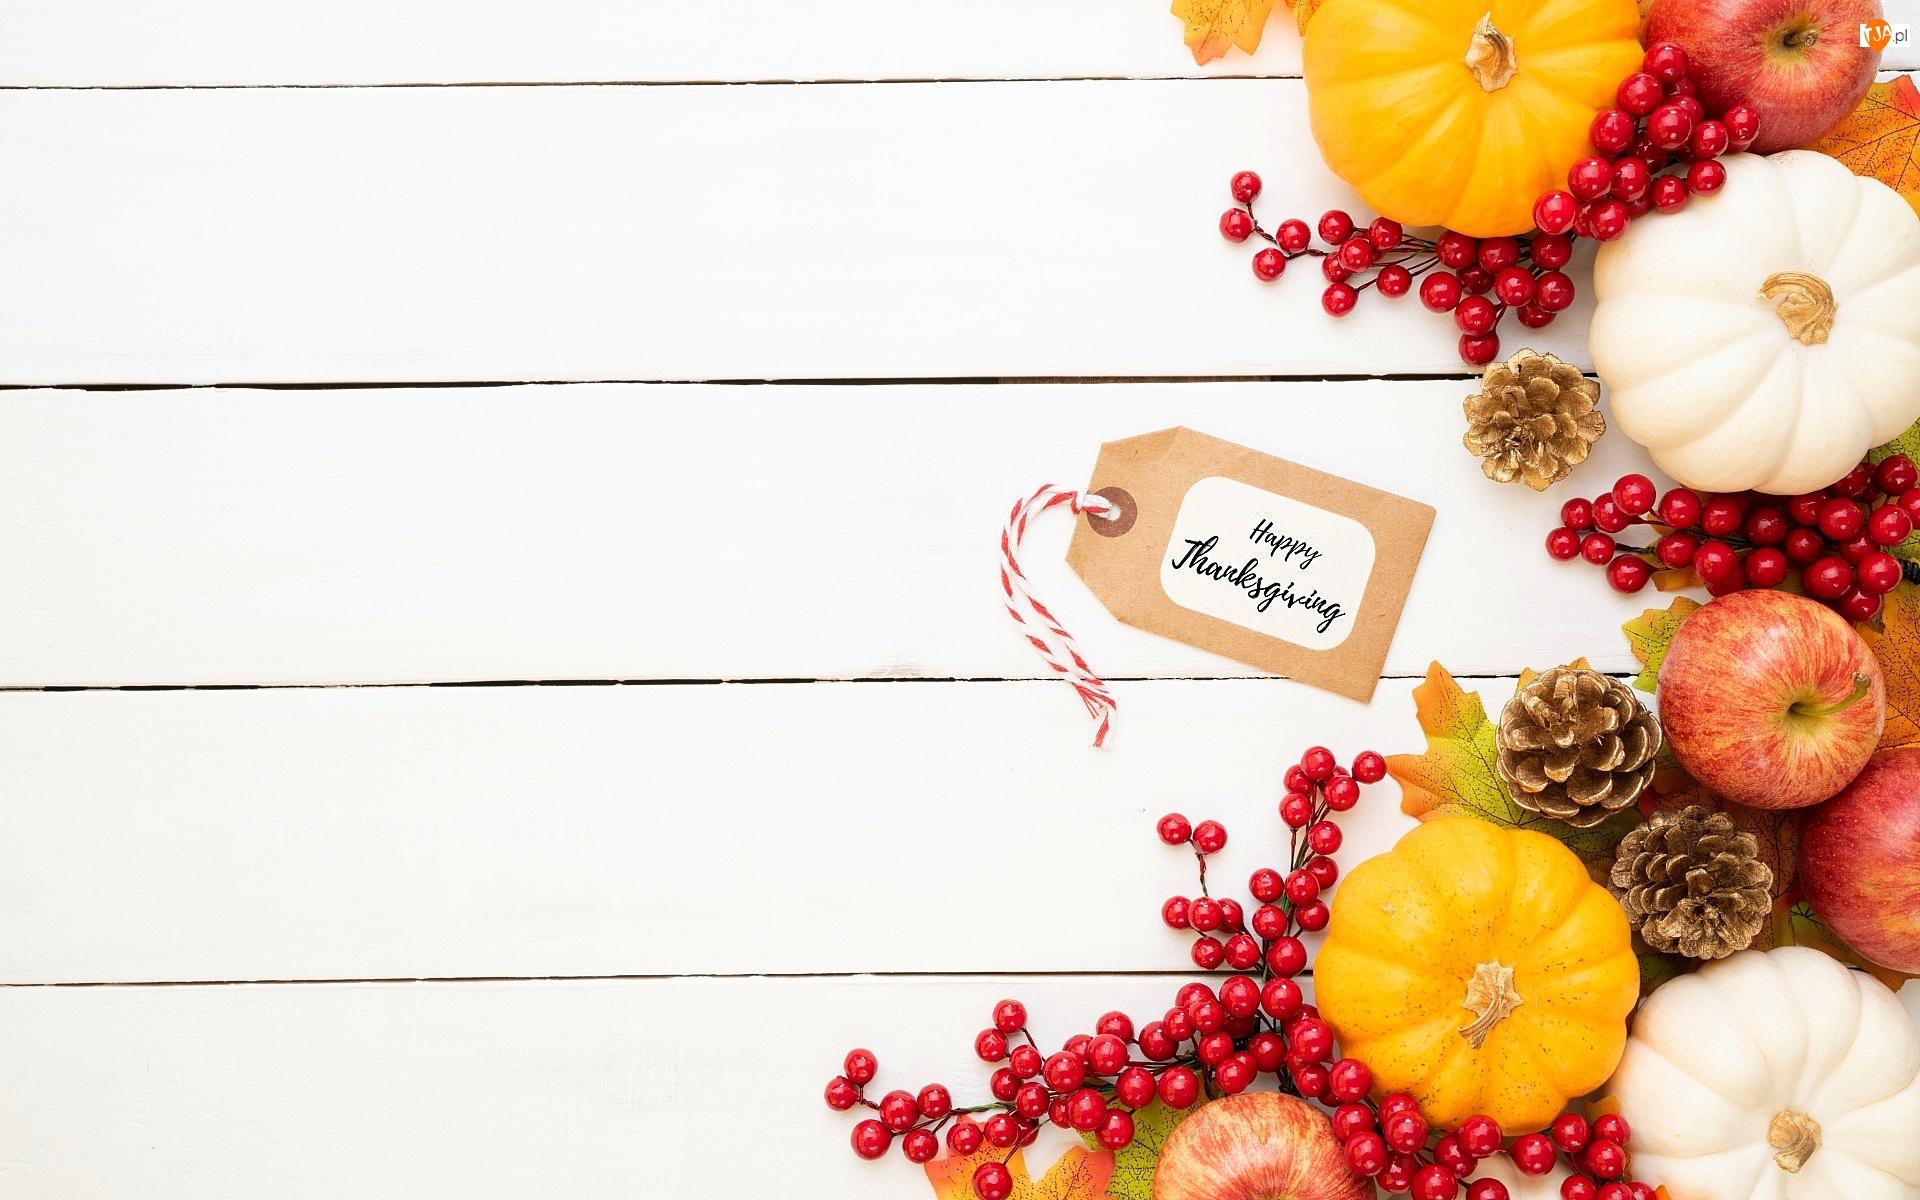 Deski, Dynie, Sztuczne, Święto Dziękczynienia, Jabłka, Jagody, Thanksgiving, Szyszki